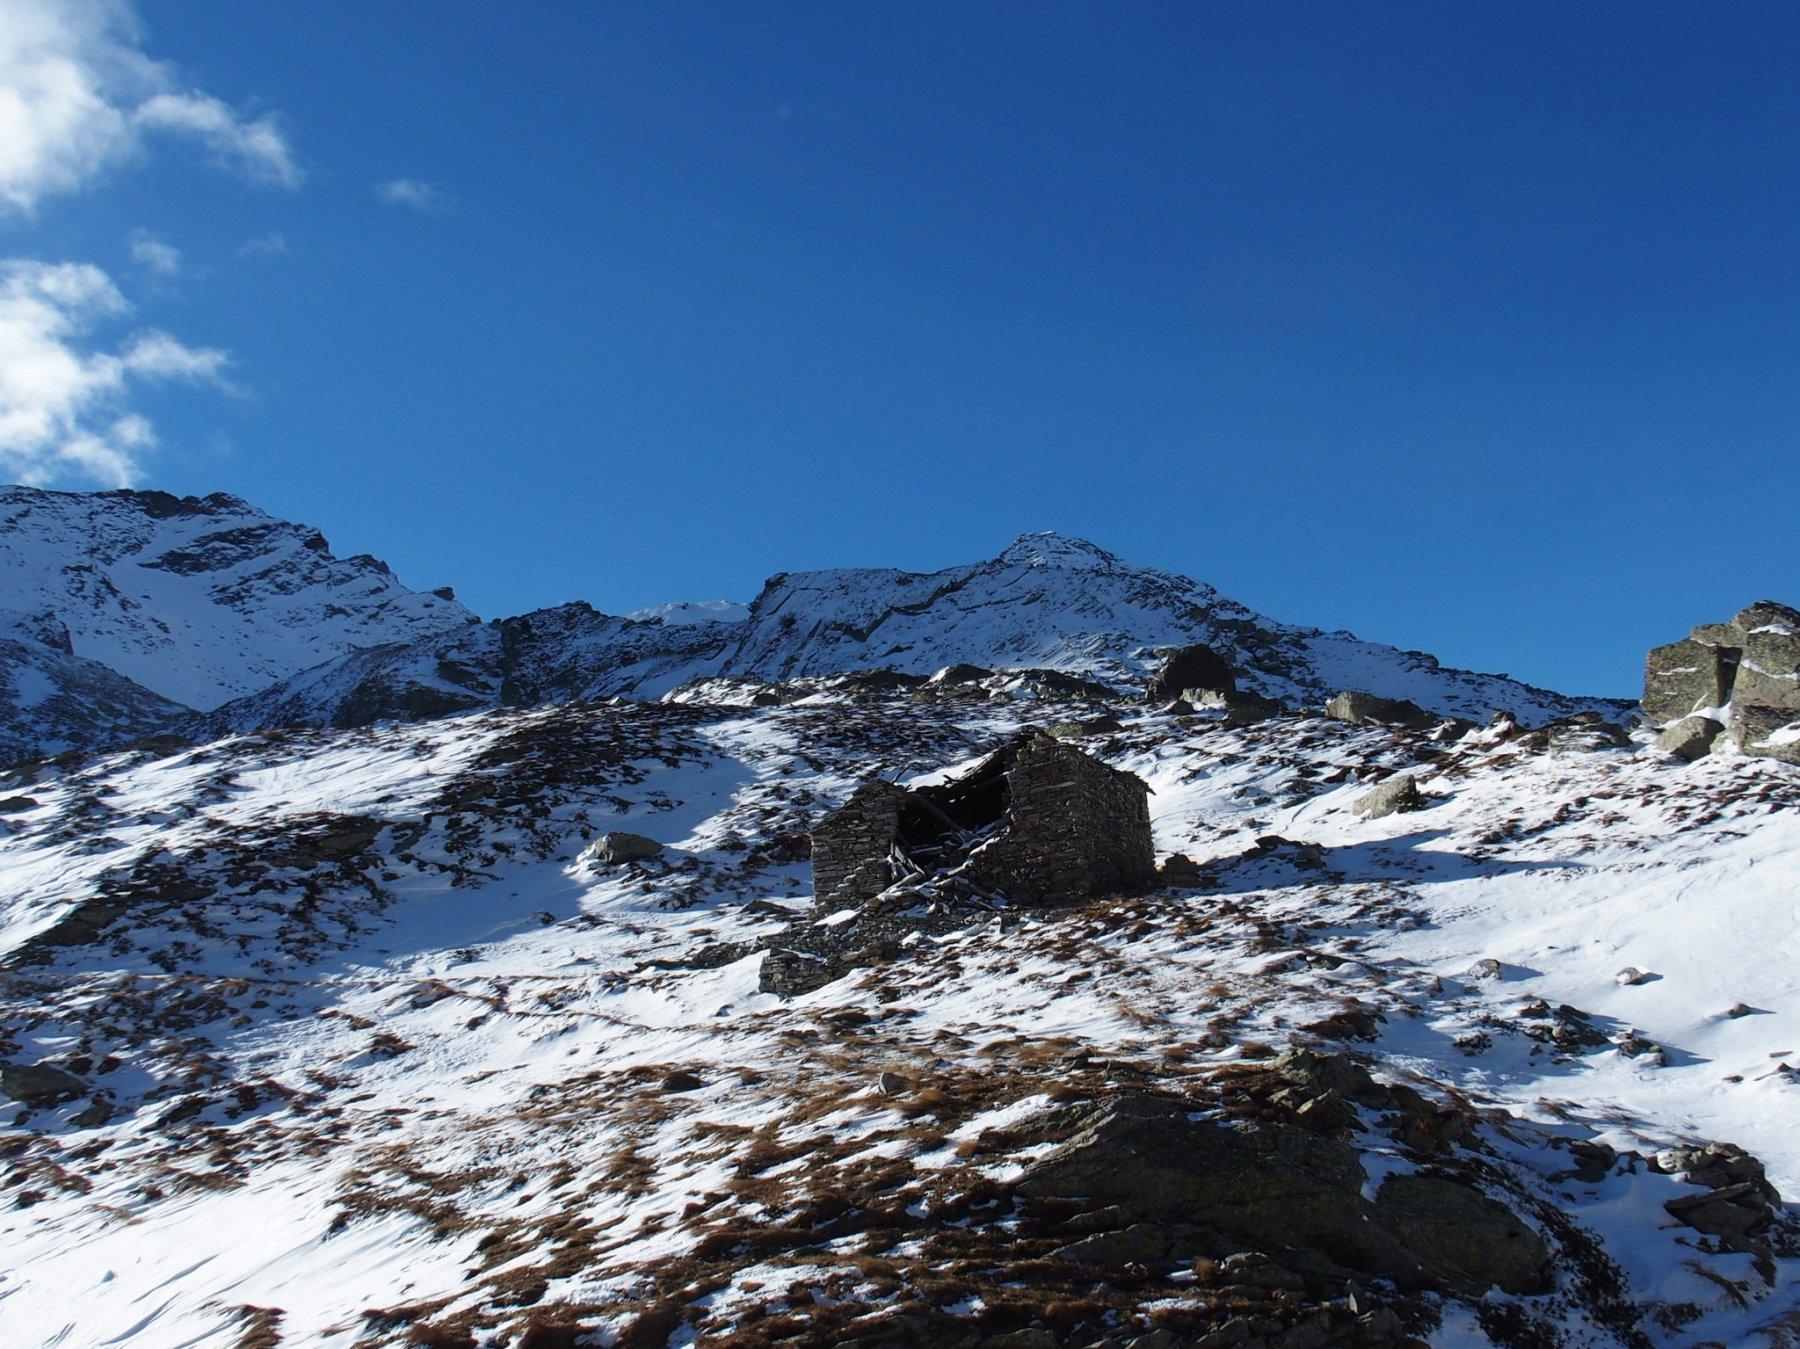 L'alpeggio diroccato al Col di Frudiere, sullo sfondo il versante settentrionale del Mont Nery